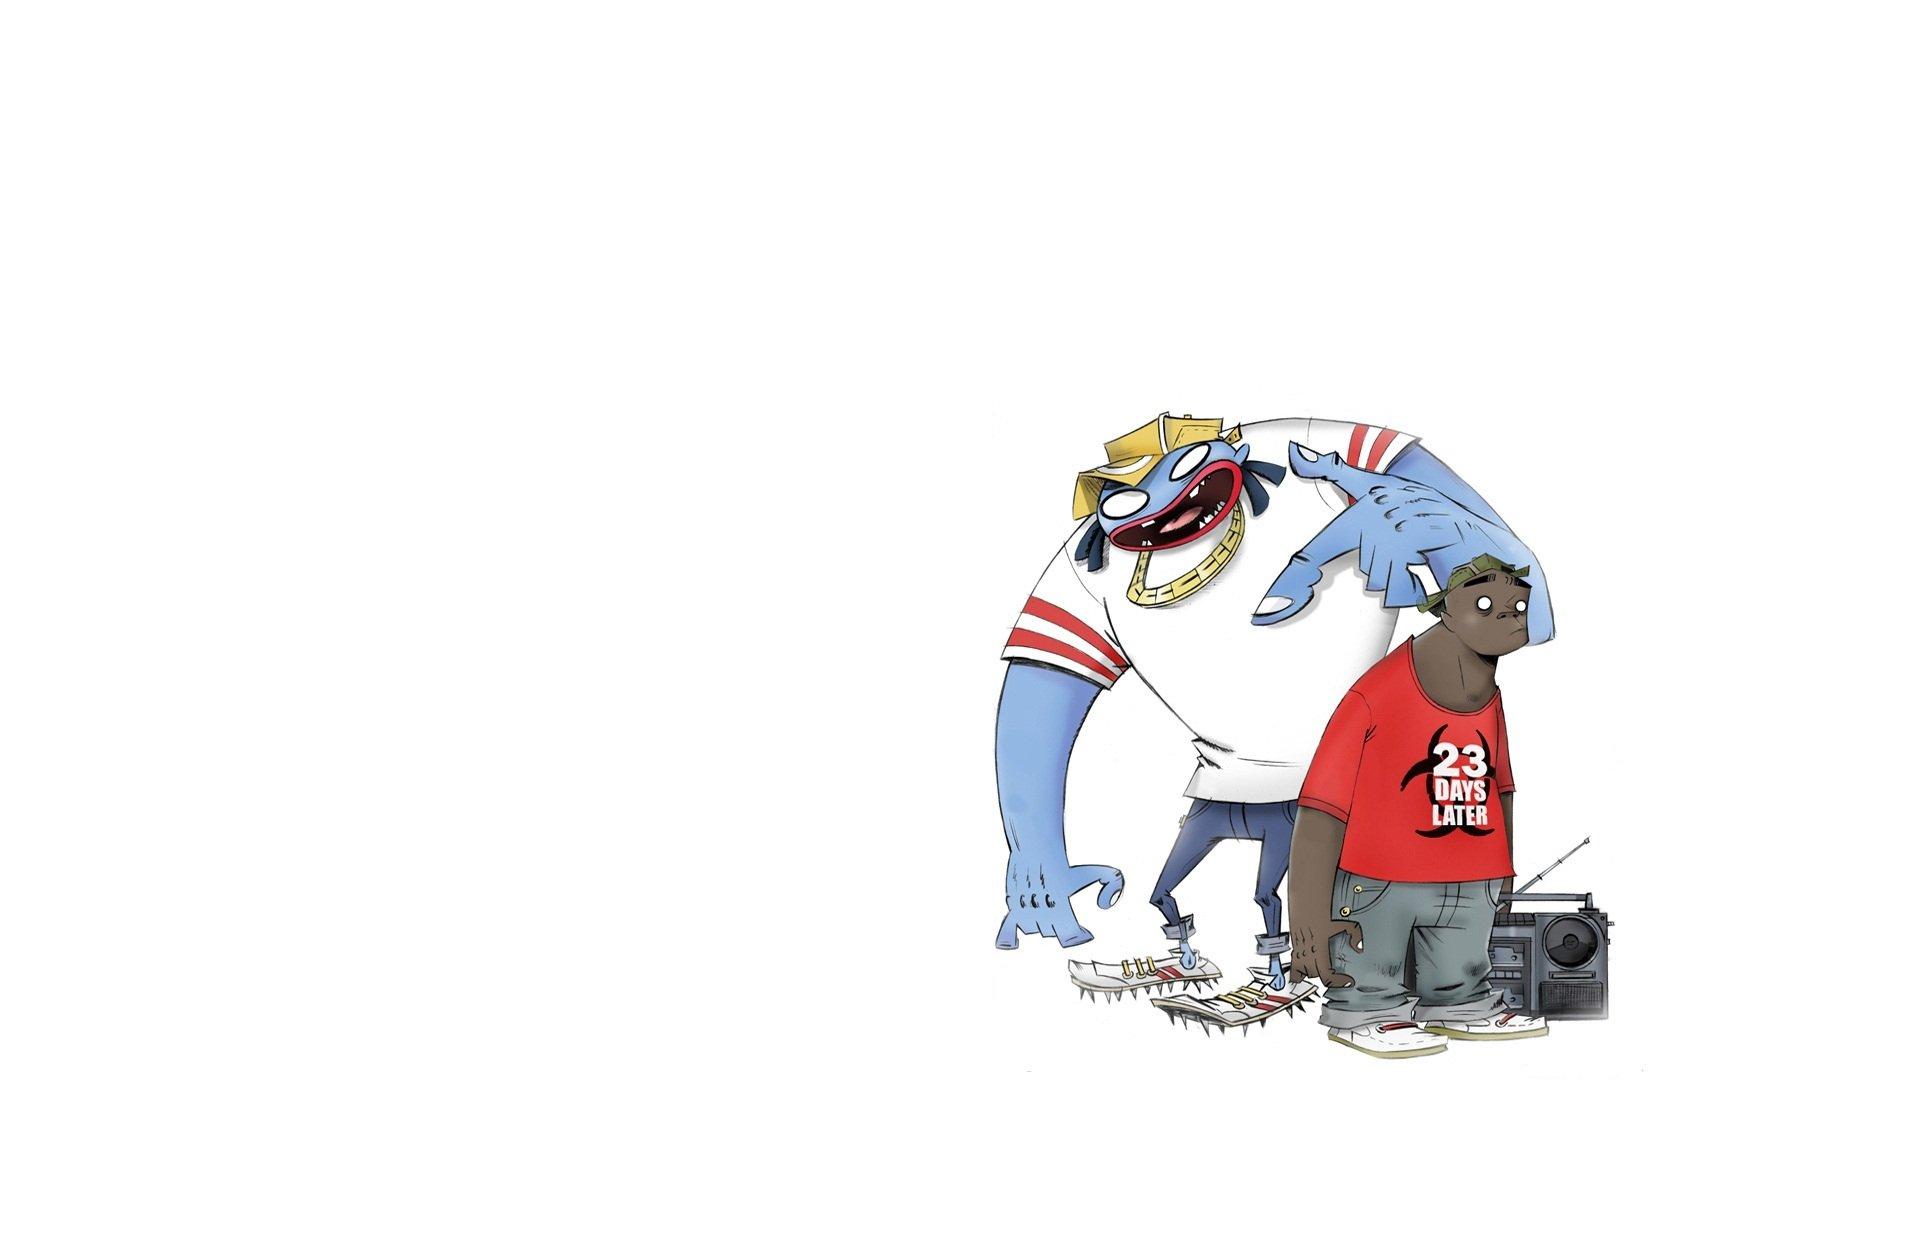 Gorillaz Iphone Wallpaper Gorillaz Full Hd Fondo De Pantalla And Fondo De Escritorio